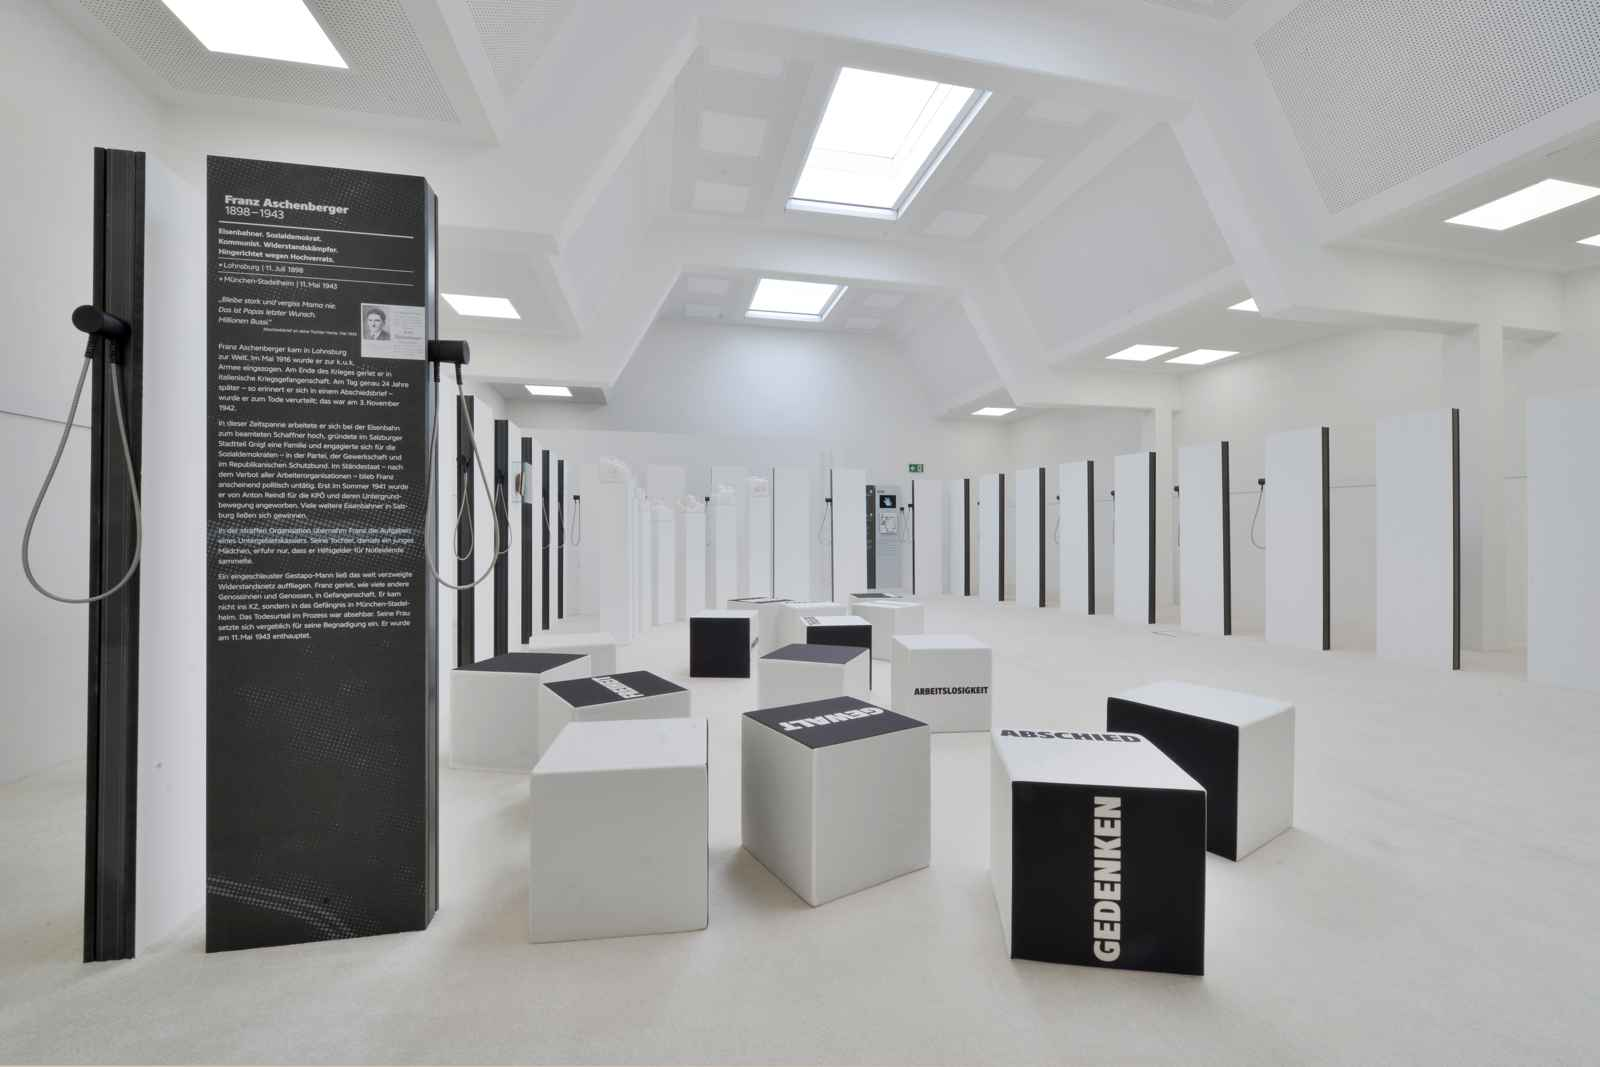 white cube - weißer Raum mit Biografiestelen und Sitzwürfeln